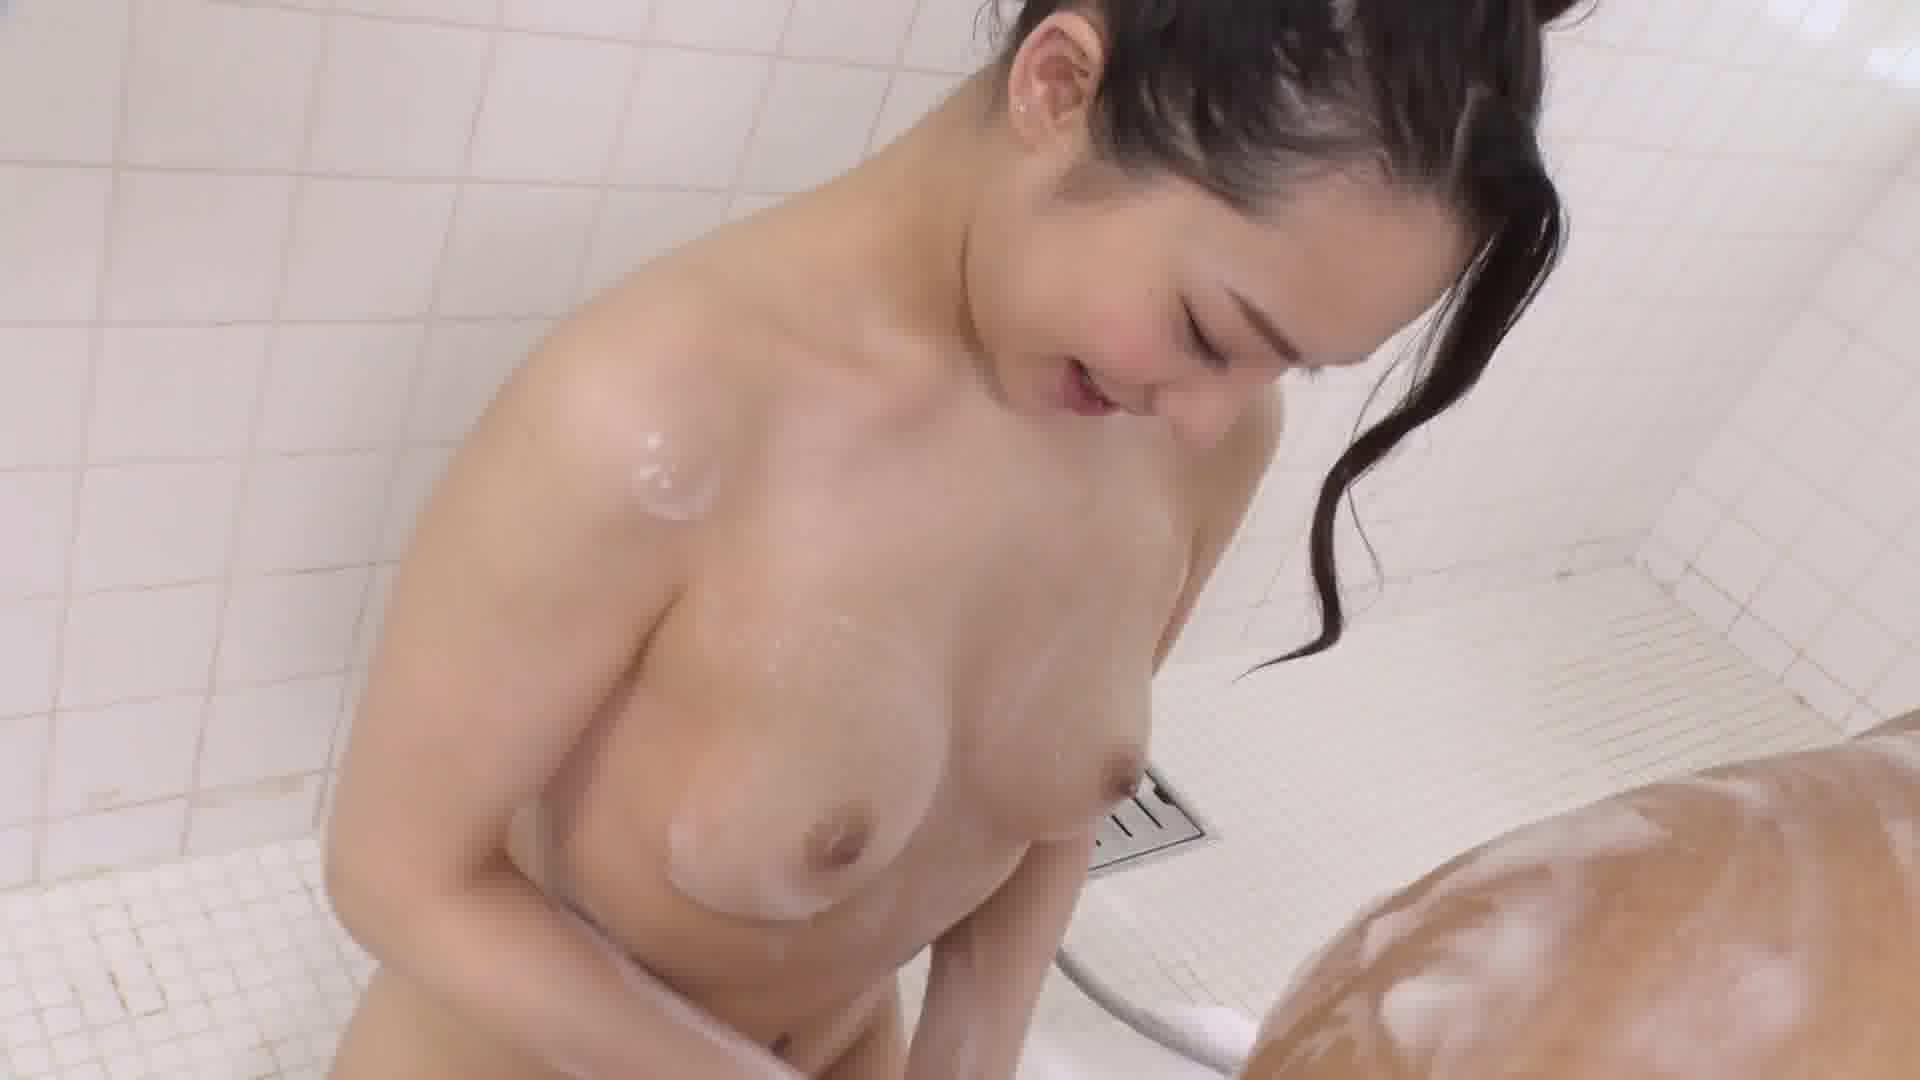 極上泡姫物語 Vol.88 - 吉岡蓮美【パイパン・美乳・中出し】